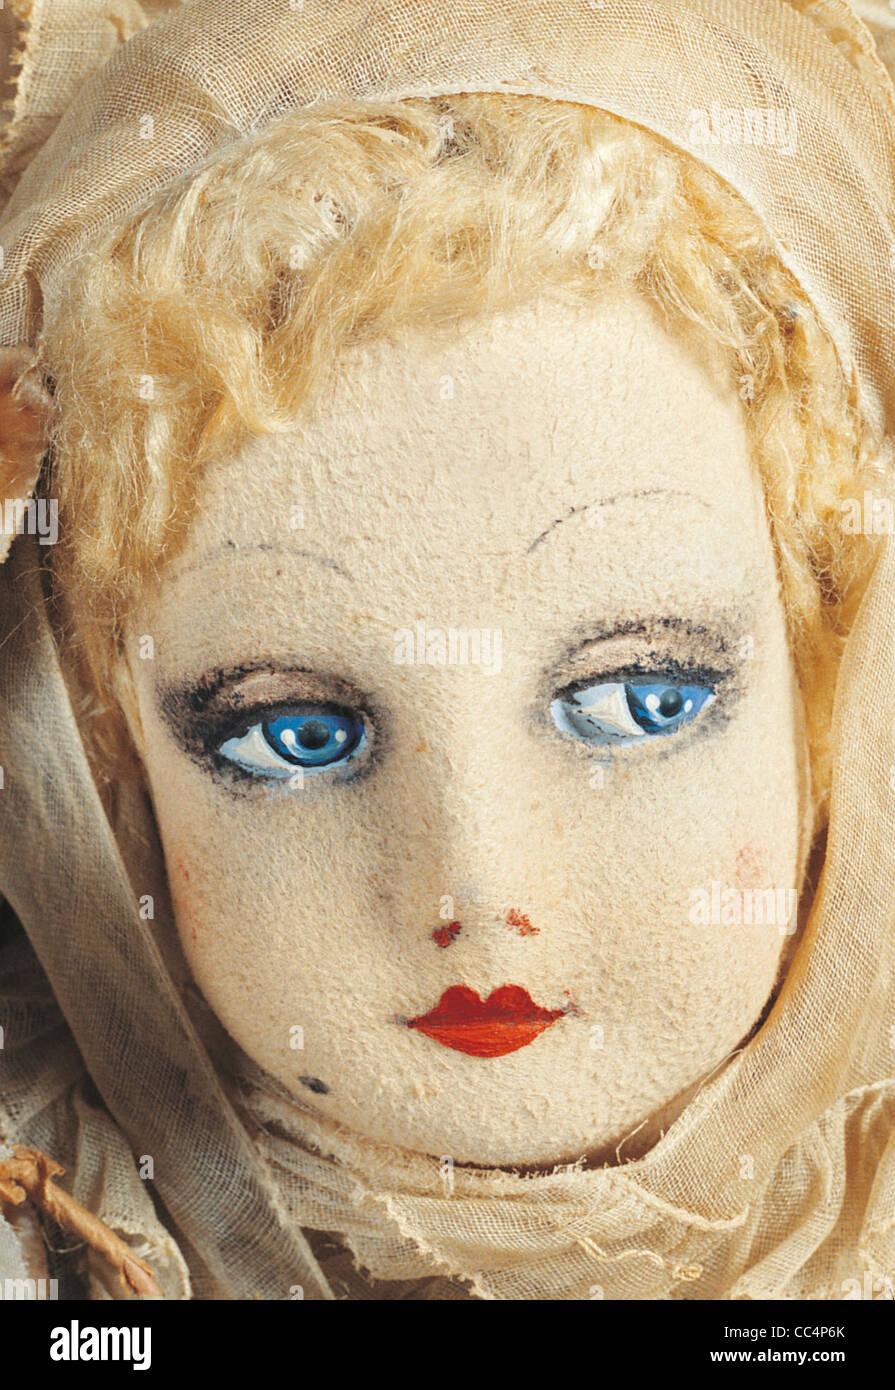 Sammeln Spielzeug des 20. Jahrhunderts. Puppe Puppenfabrik. 30 s. H. Cm. 58. Insbesondere Stockbild